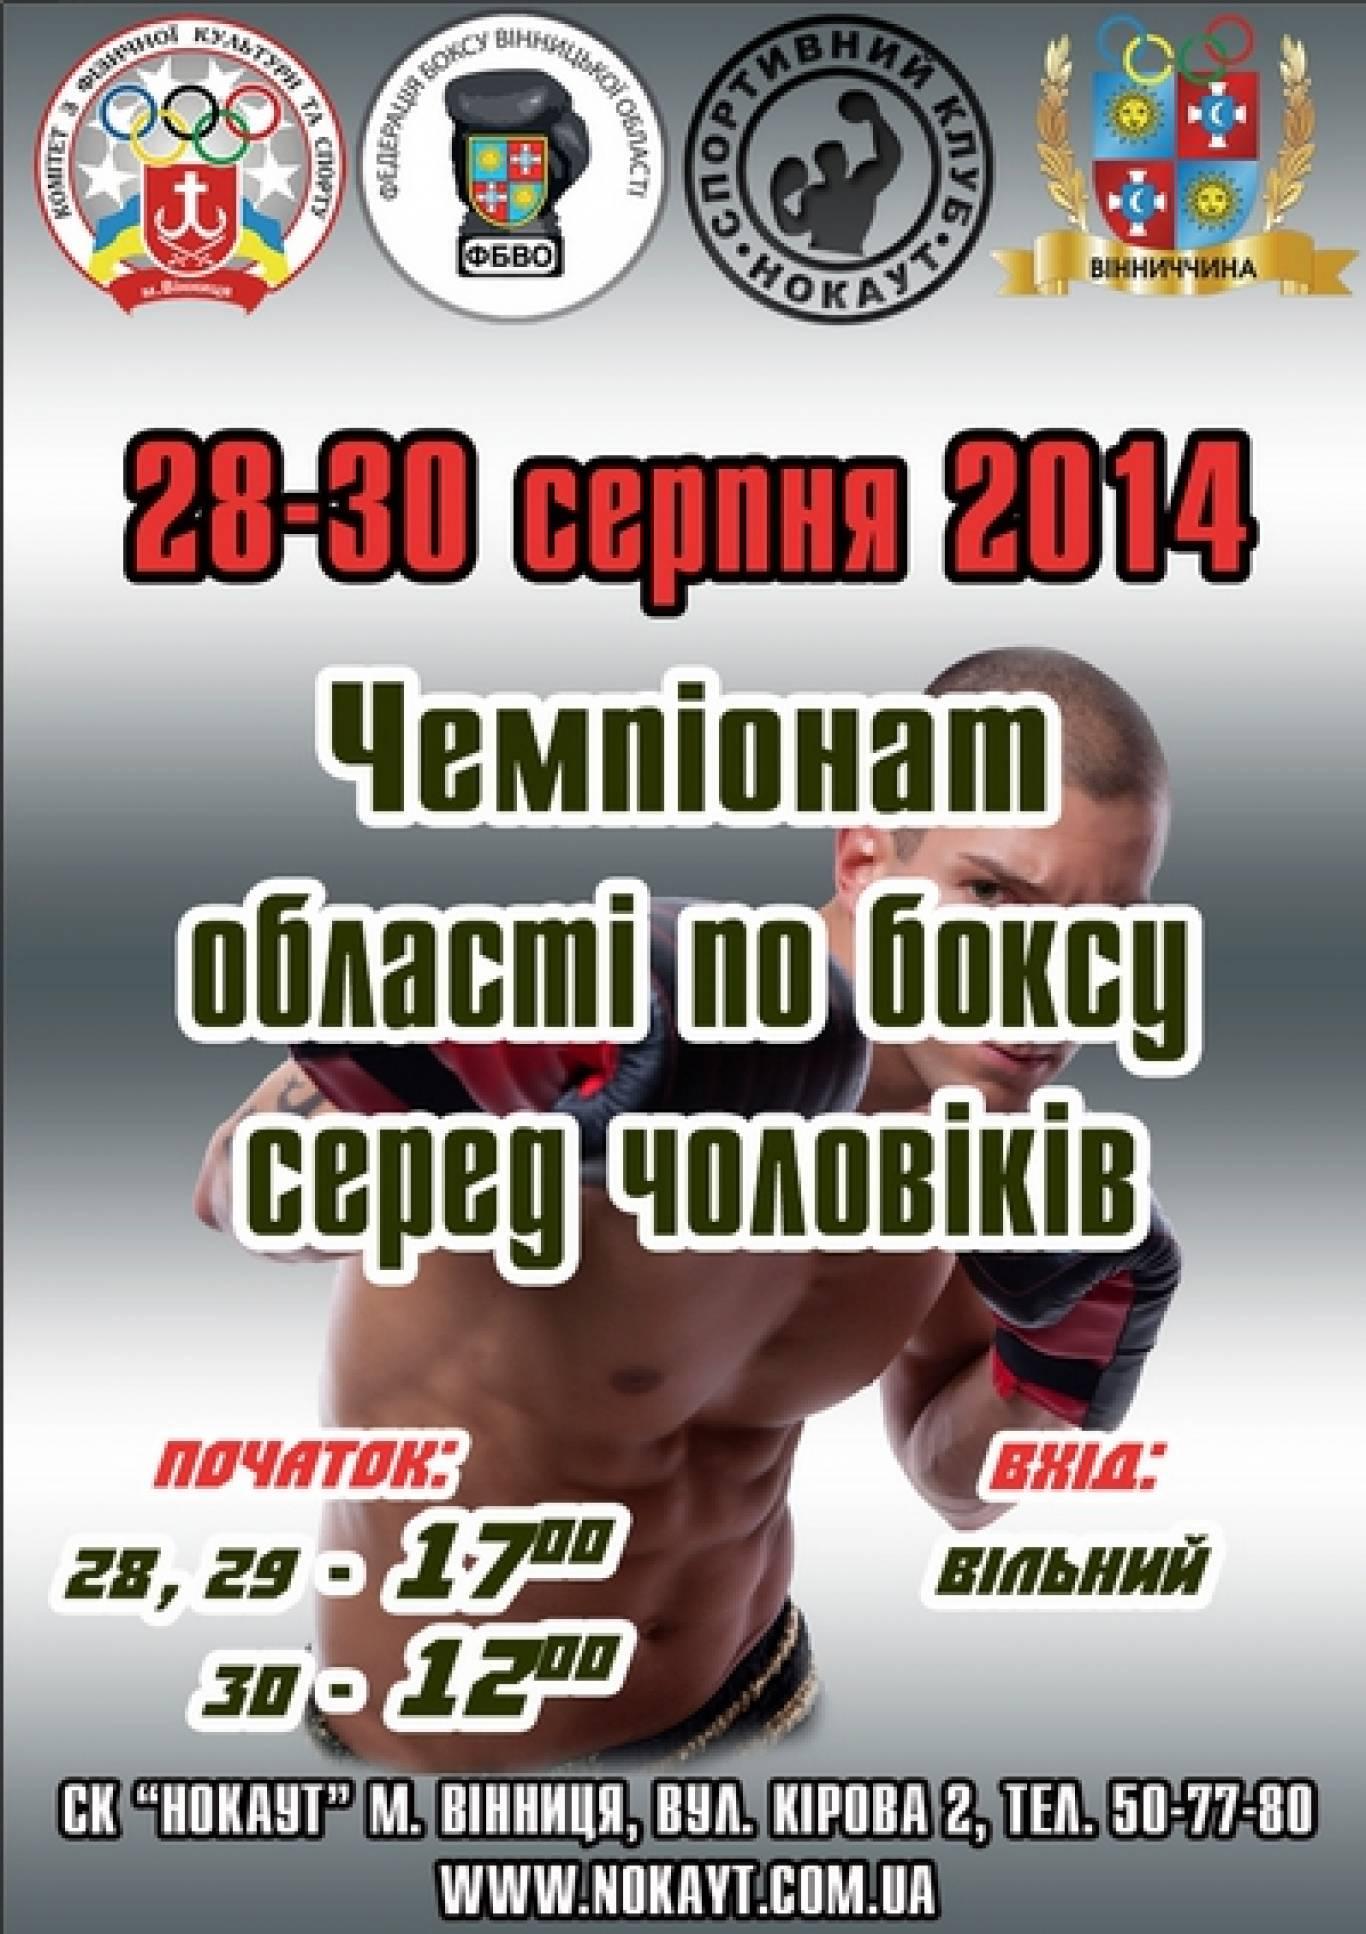 Чемпіонат області  з боксу серед чоловіків